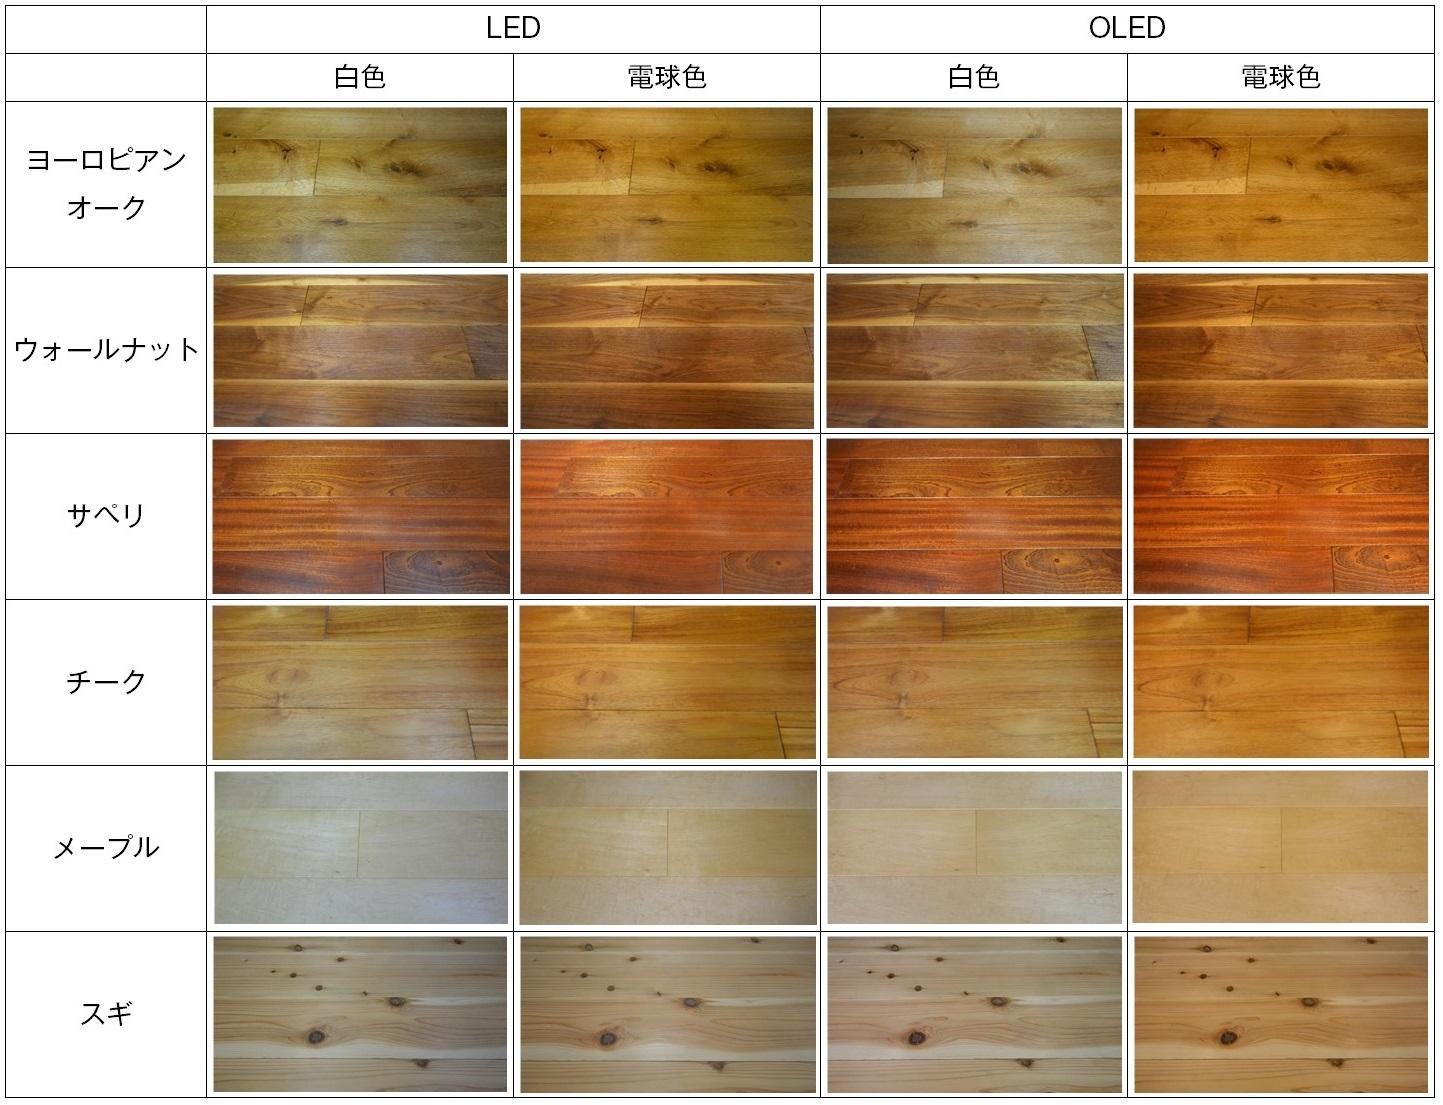 色温度の違いによる見え方の差(LED、OLED)